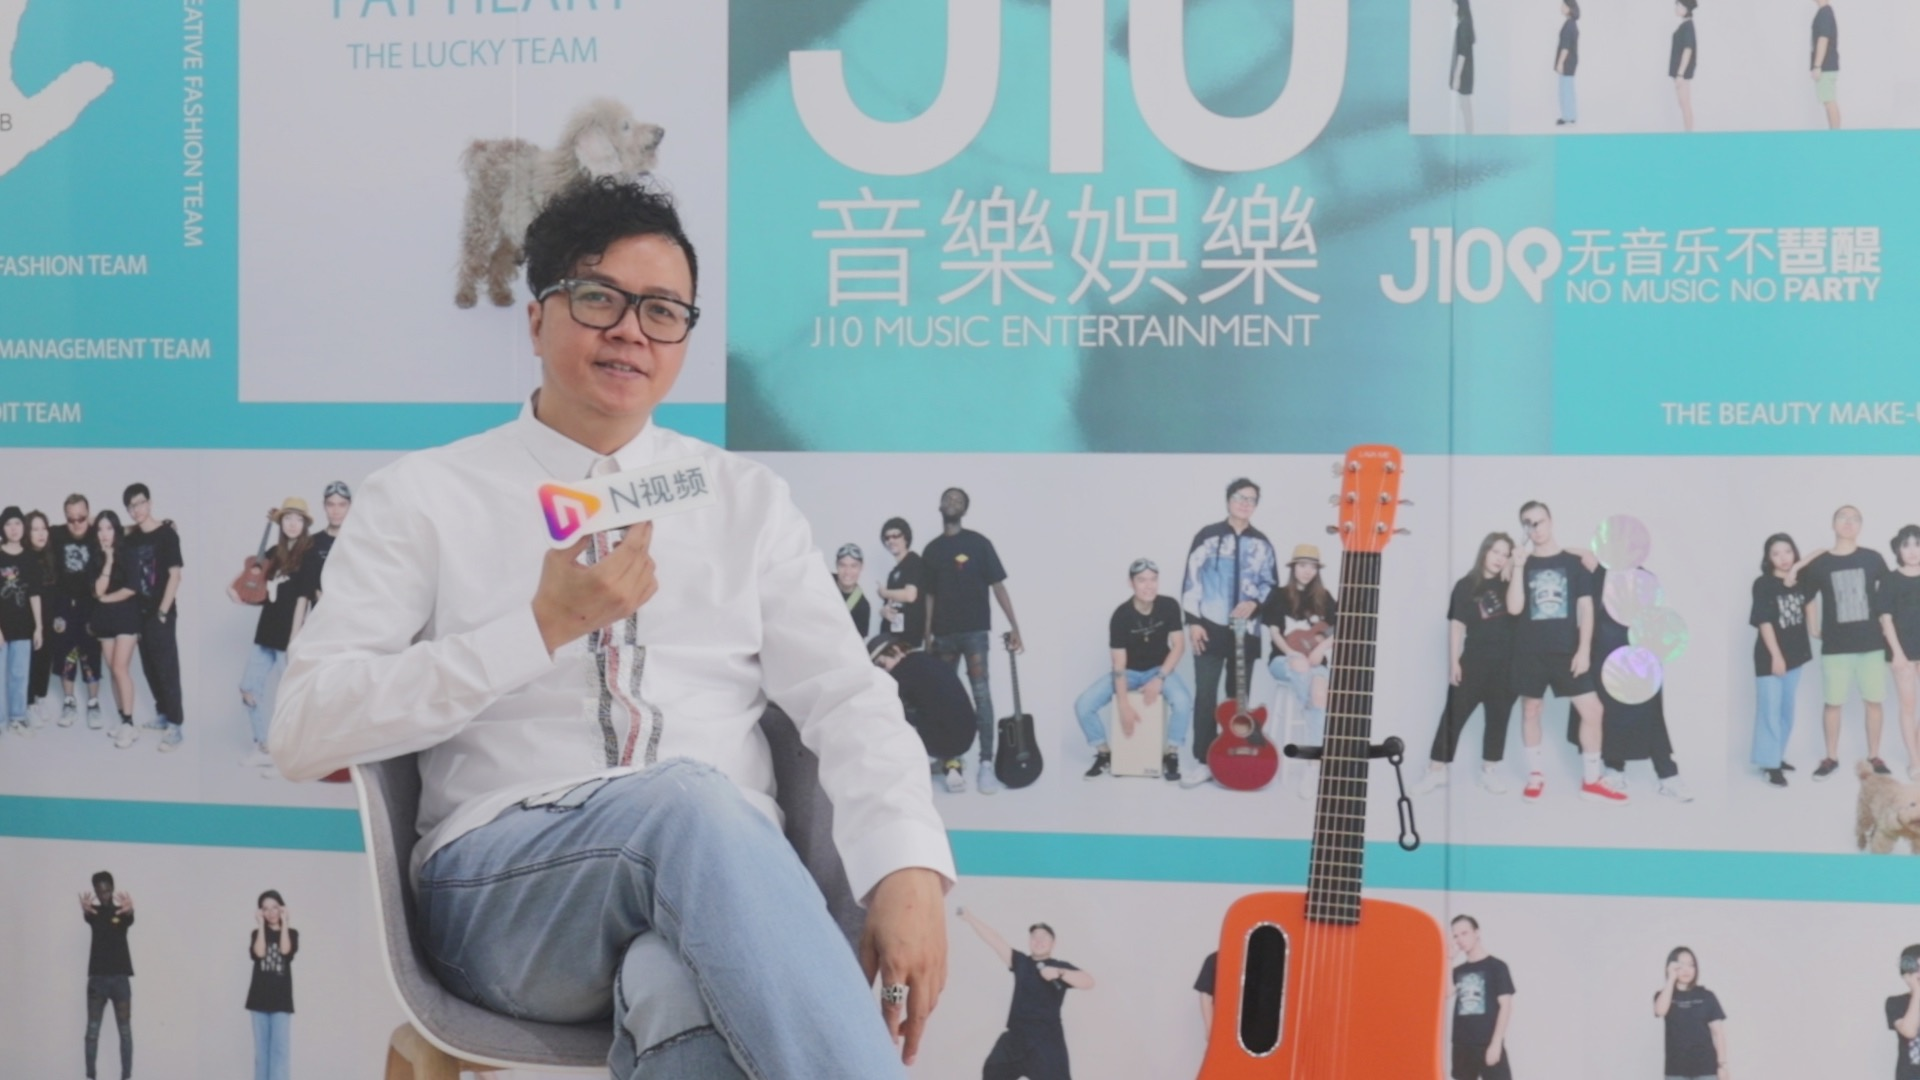 金曲制作人林健华:希望与大湾区流行音乐携手飞起来